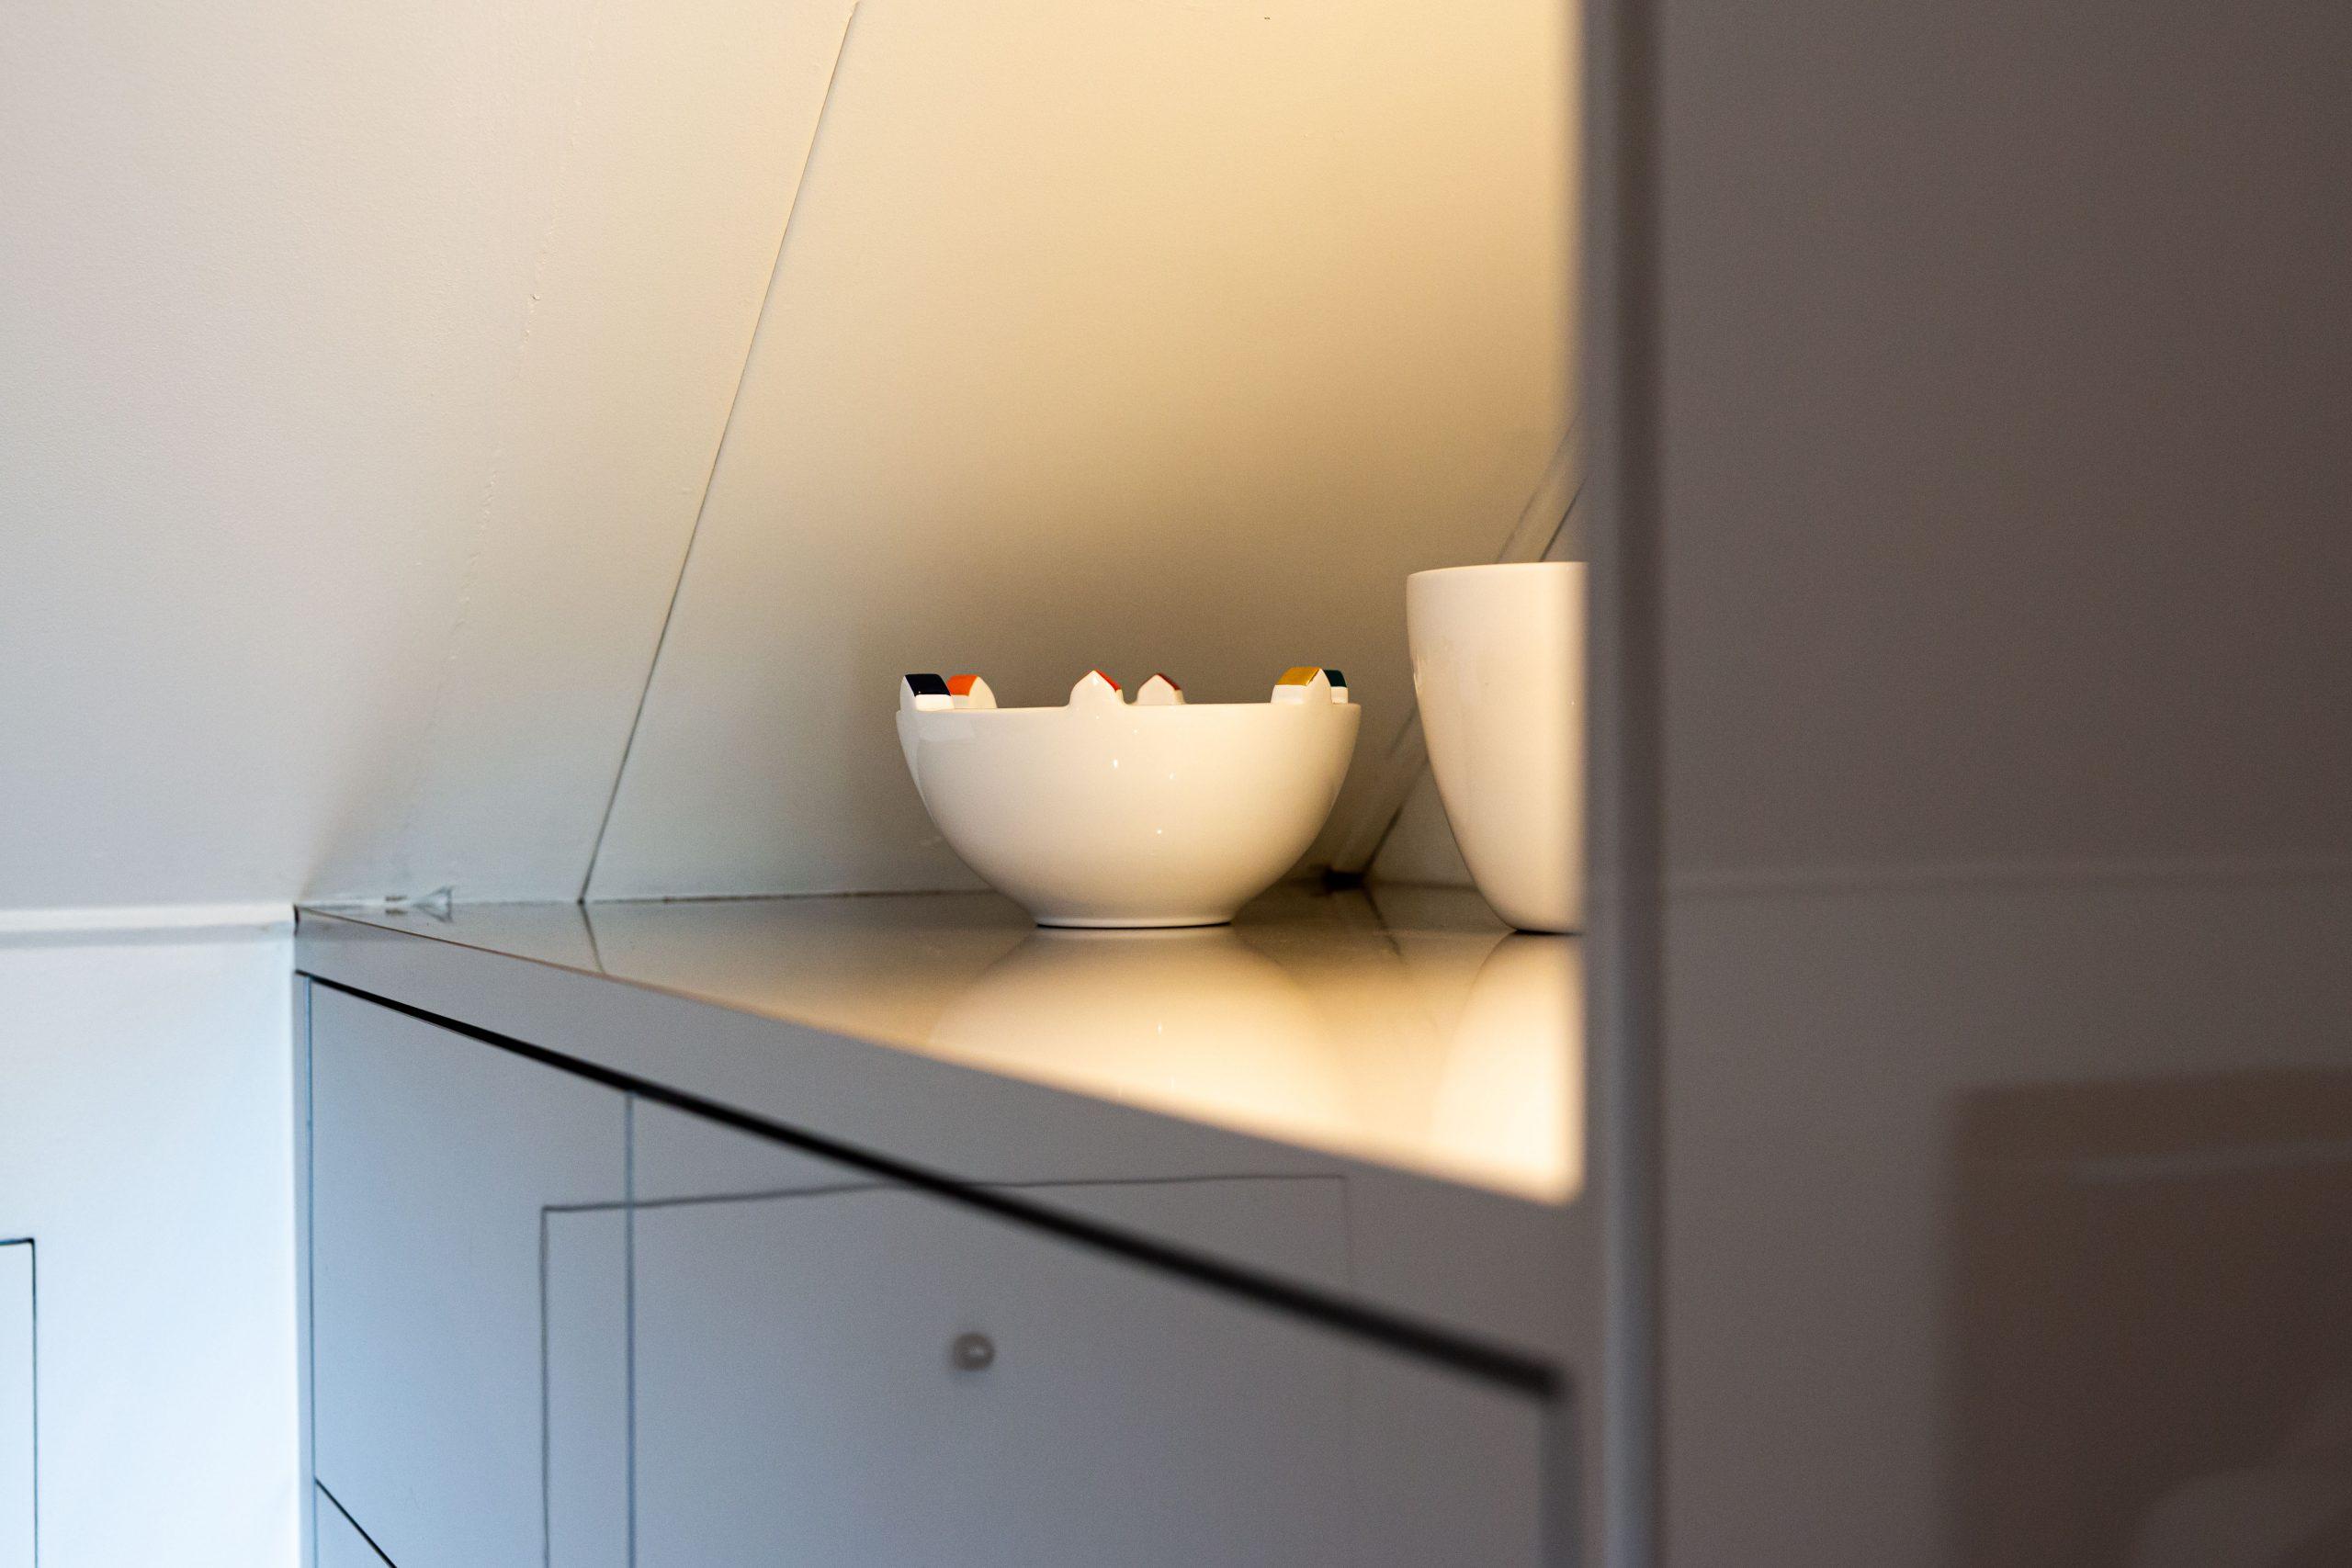 Sens Interieurs - kastruimte slaapkamers - galerij4